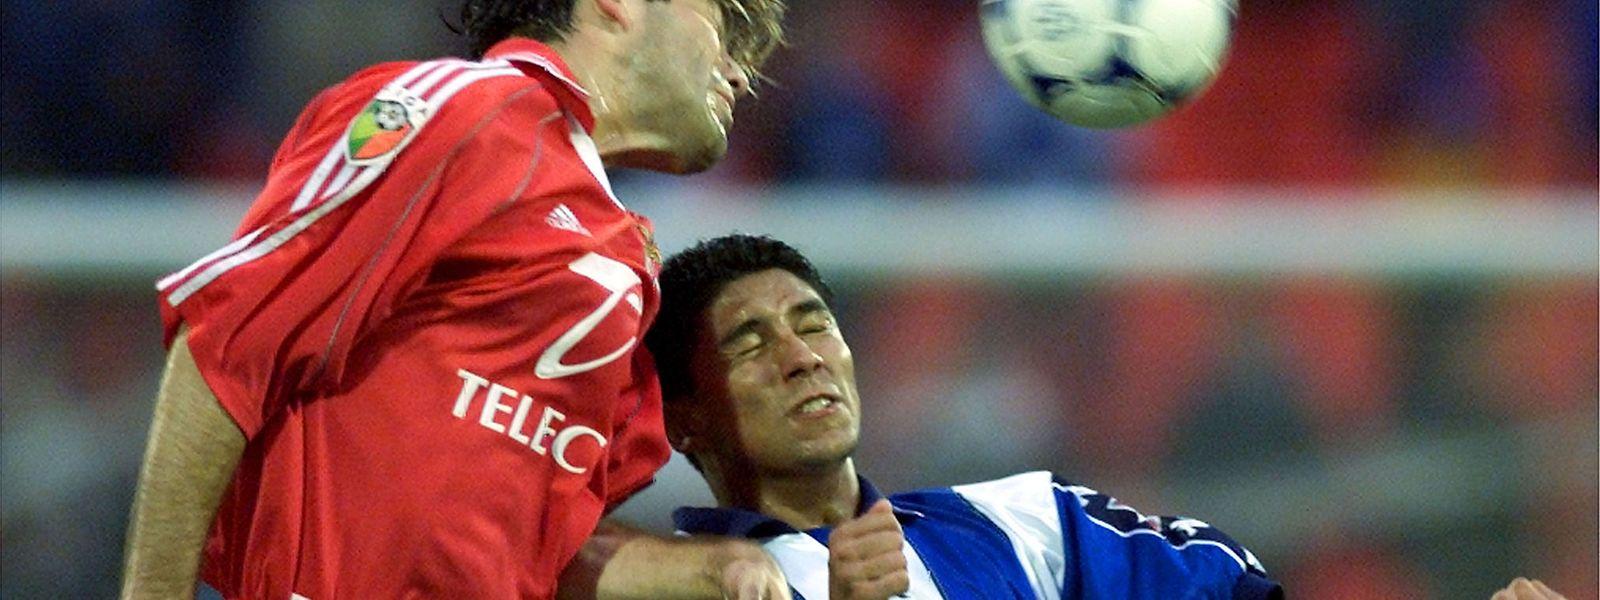 Jogador brasileiro alinhou em três clubes portugueses: FC Porto, Sporting e Beira-Mar.